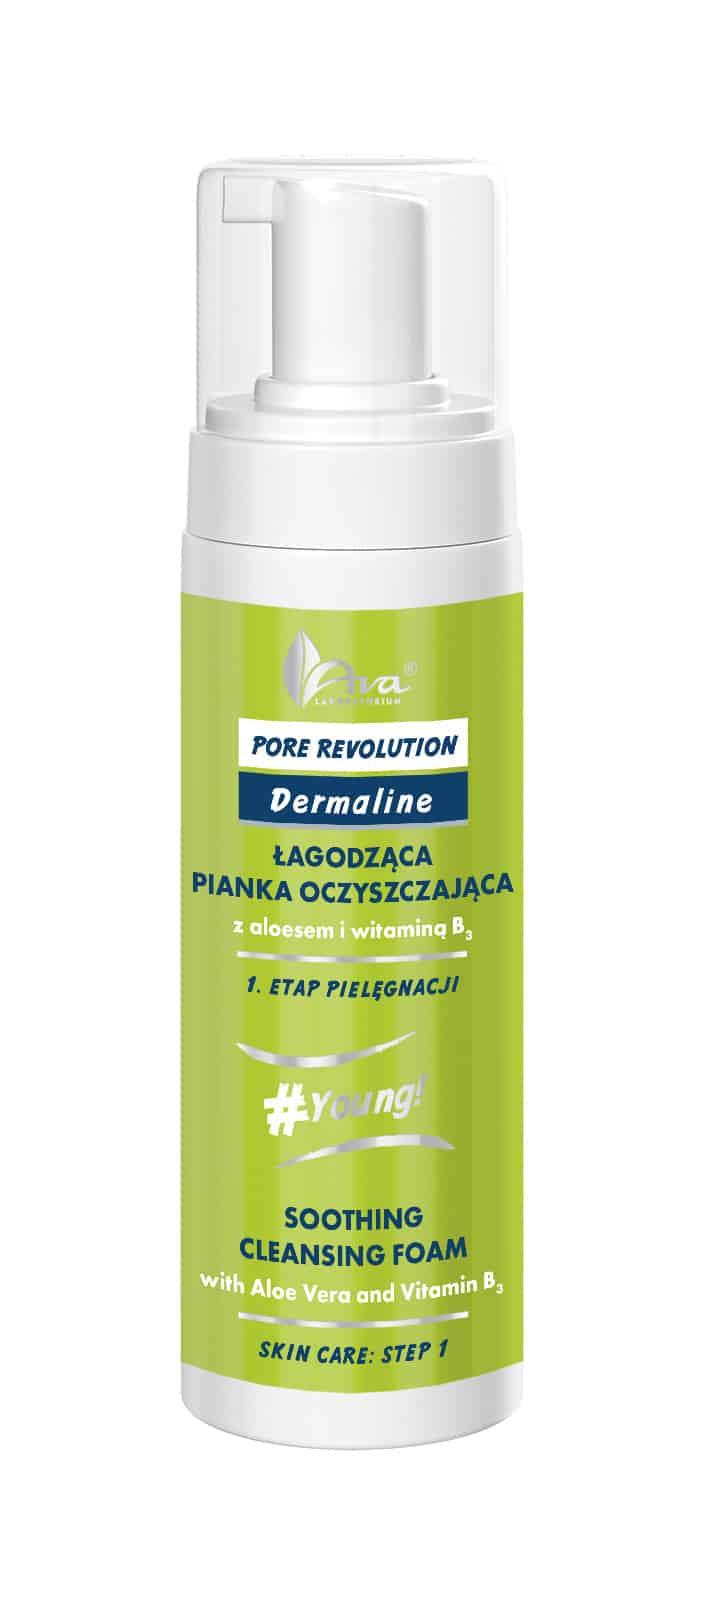 PR_Pianka